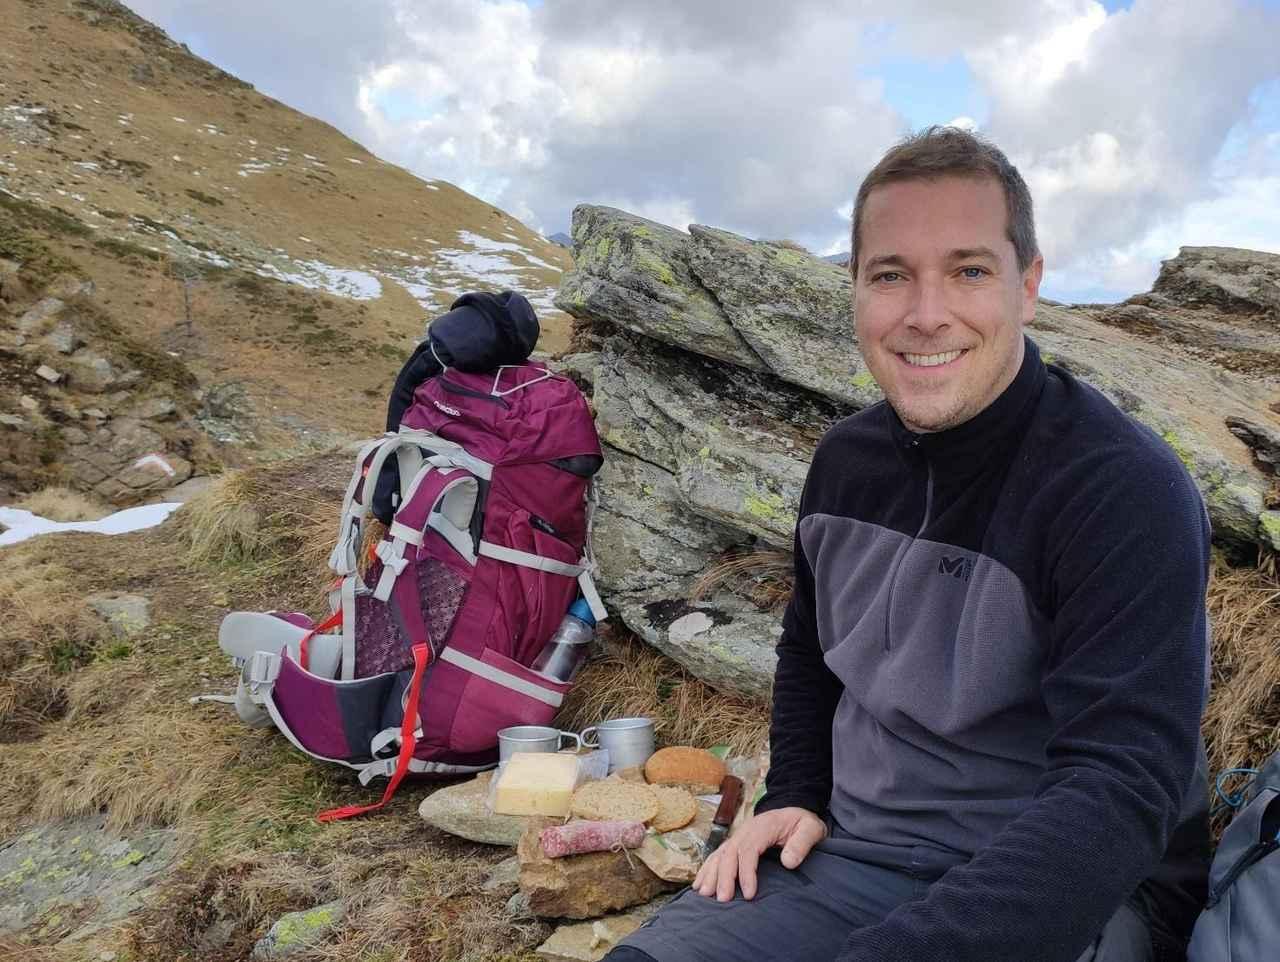 画像: 筆者撮影 山で休憩中の肌寒いときにフリースは重宝する